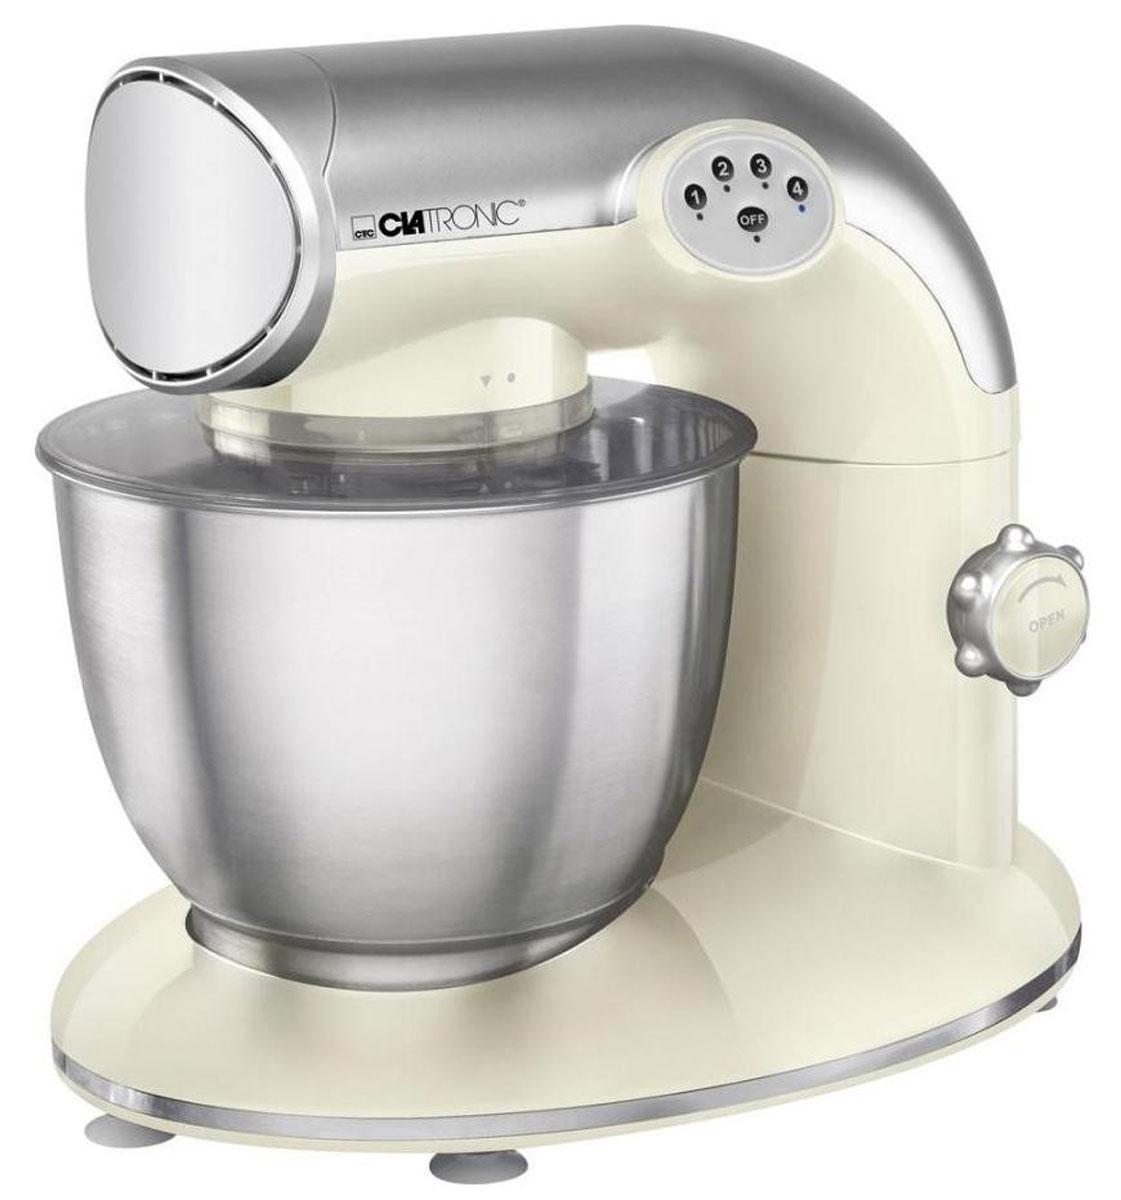 Clatronic KM 3632, Cream кухонный комбайнKM 3632 cremeКухонный комбайн Clatronic KM 3632 станет прекрасным помощником для любой хозяйки С ним вы сможете готовить невероятно вкусные и аппетитные блюда, при этом сократив время их приготовление. Основным назначением прибора является изготовление различных видов теста и кремов. Комбайн качественно и быстро перемешивает различные ингредиенты, что дает возможность избежать комочков. Clatronic KM 3632 снабжен чашей из нержавеющей стали и механической системой управления. 4 скорости замешивания обеспечат наилучший результат.